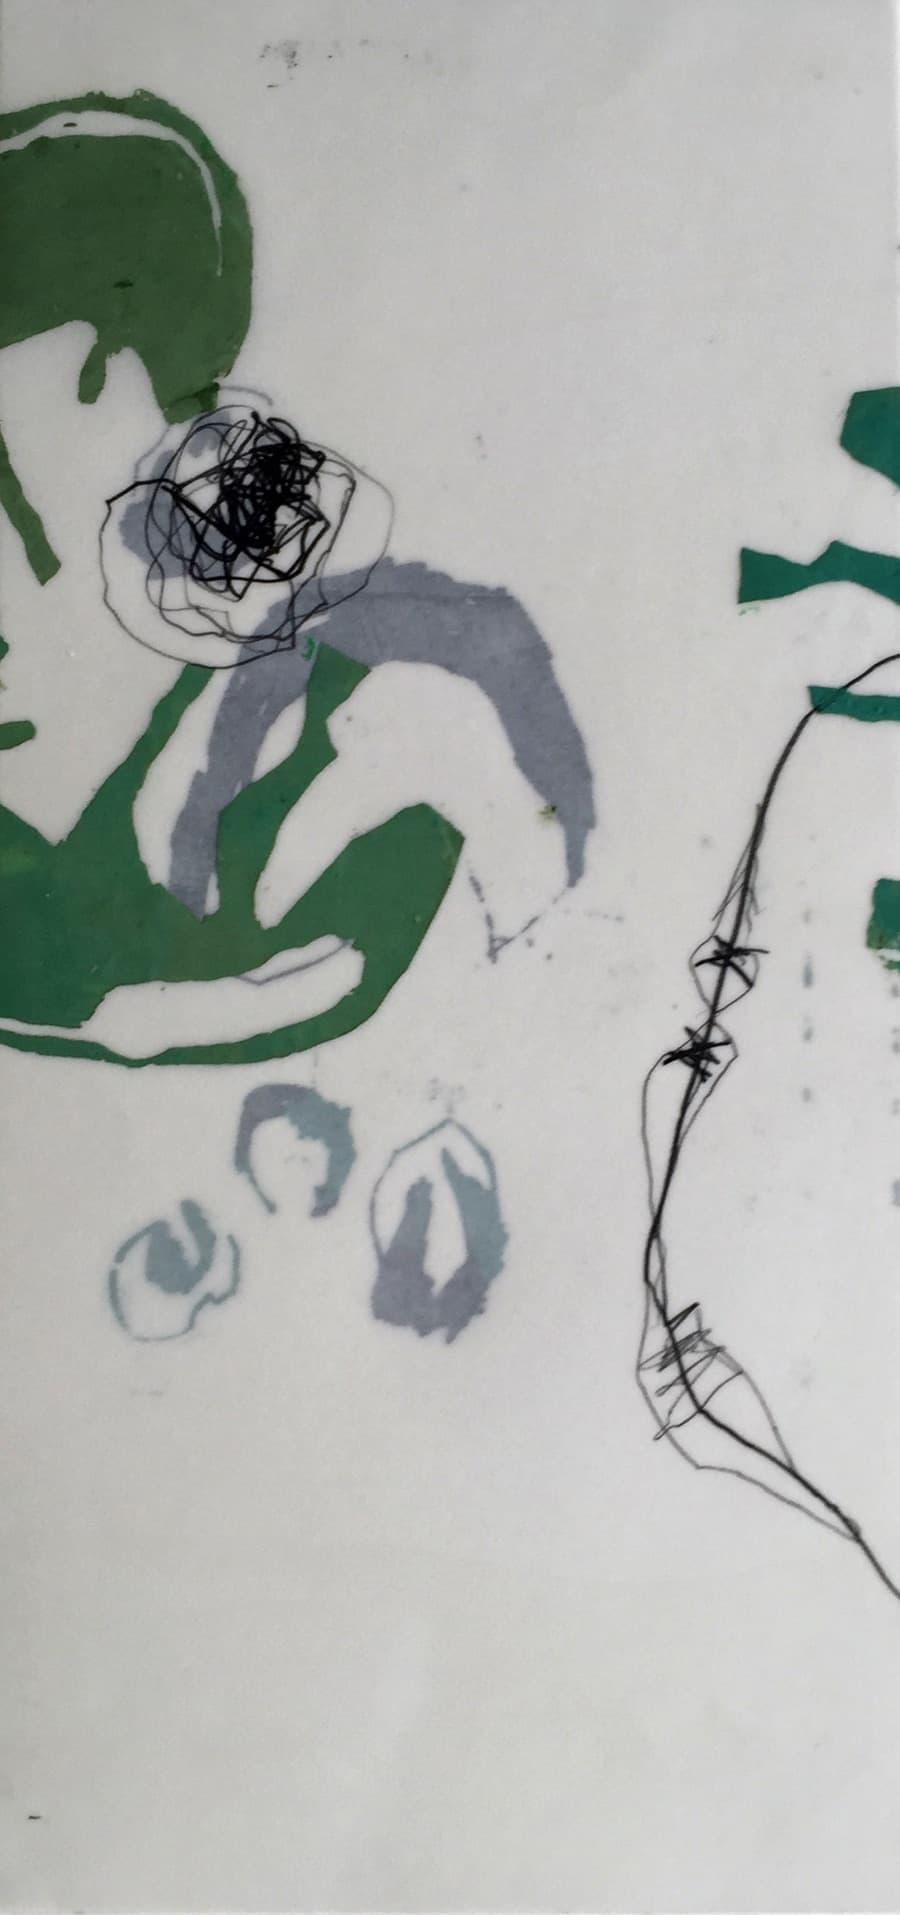 Siebdruck mit Wachs und Grafit 50 x 23 cm, 3